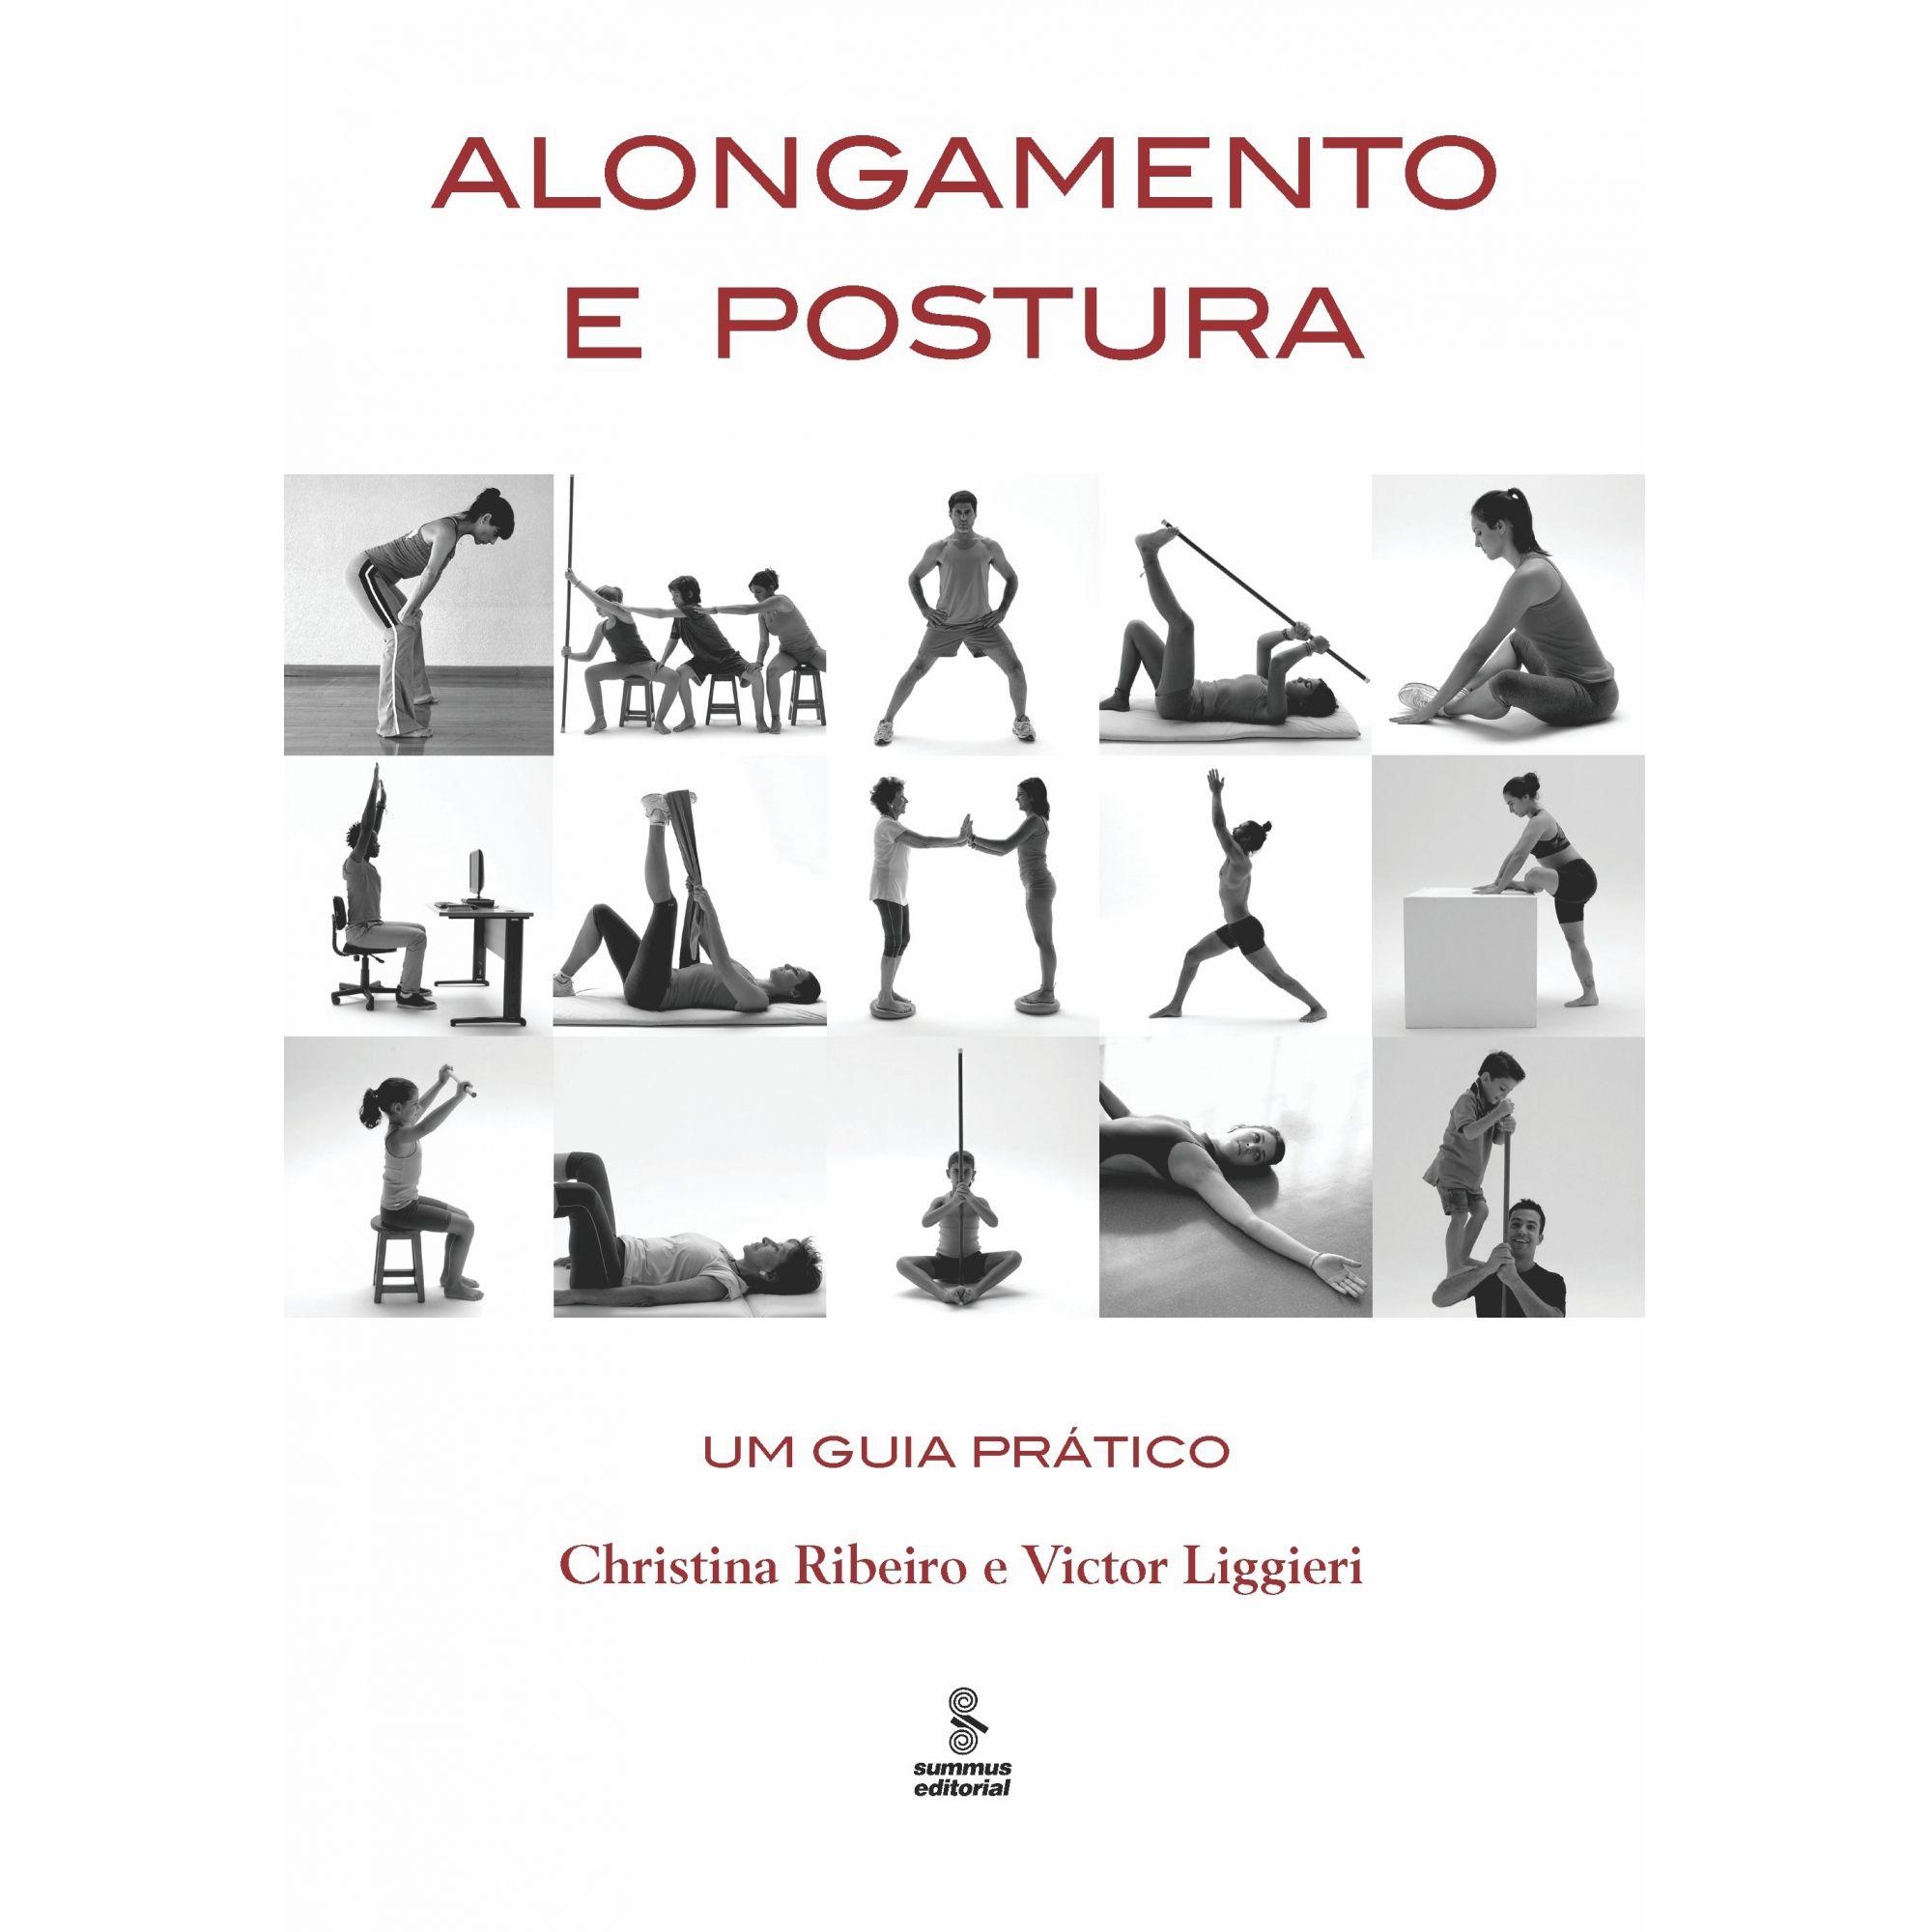 Alongamento e postura